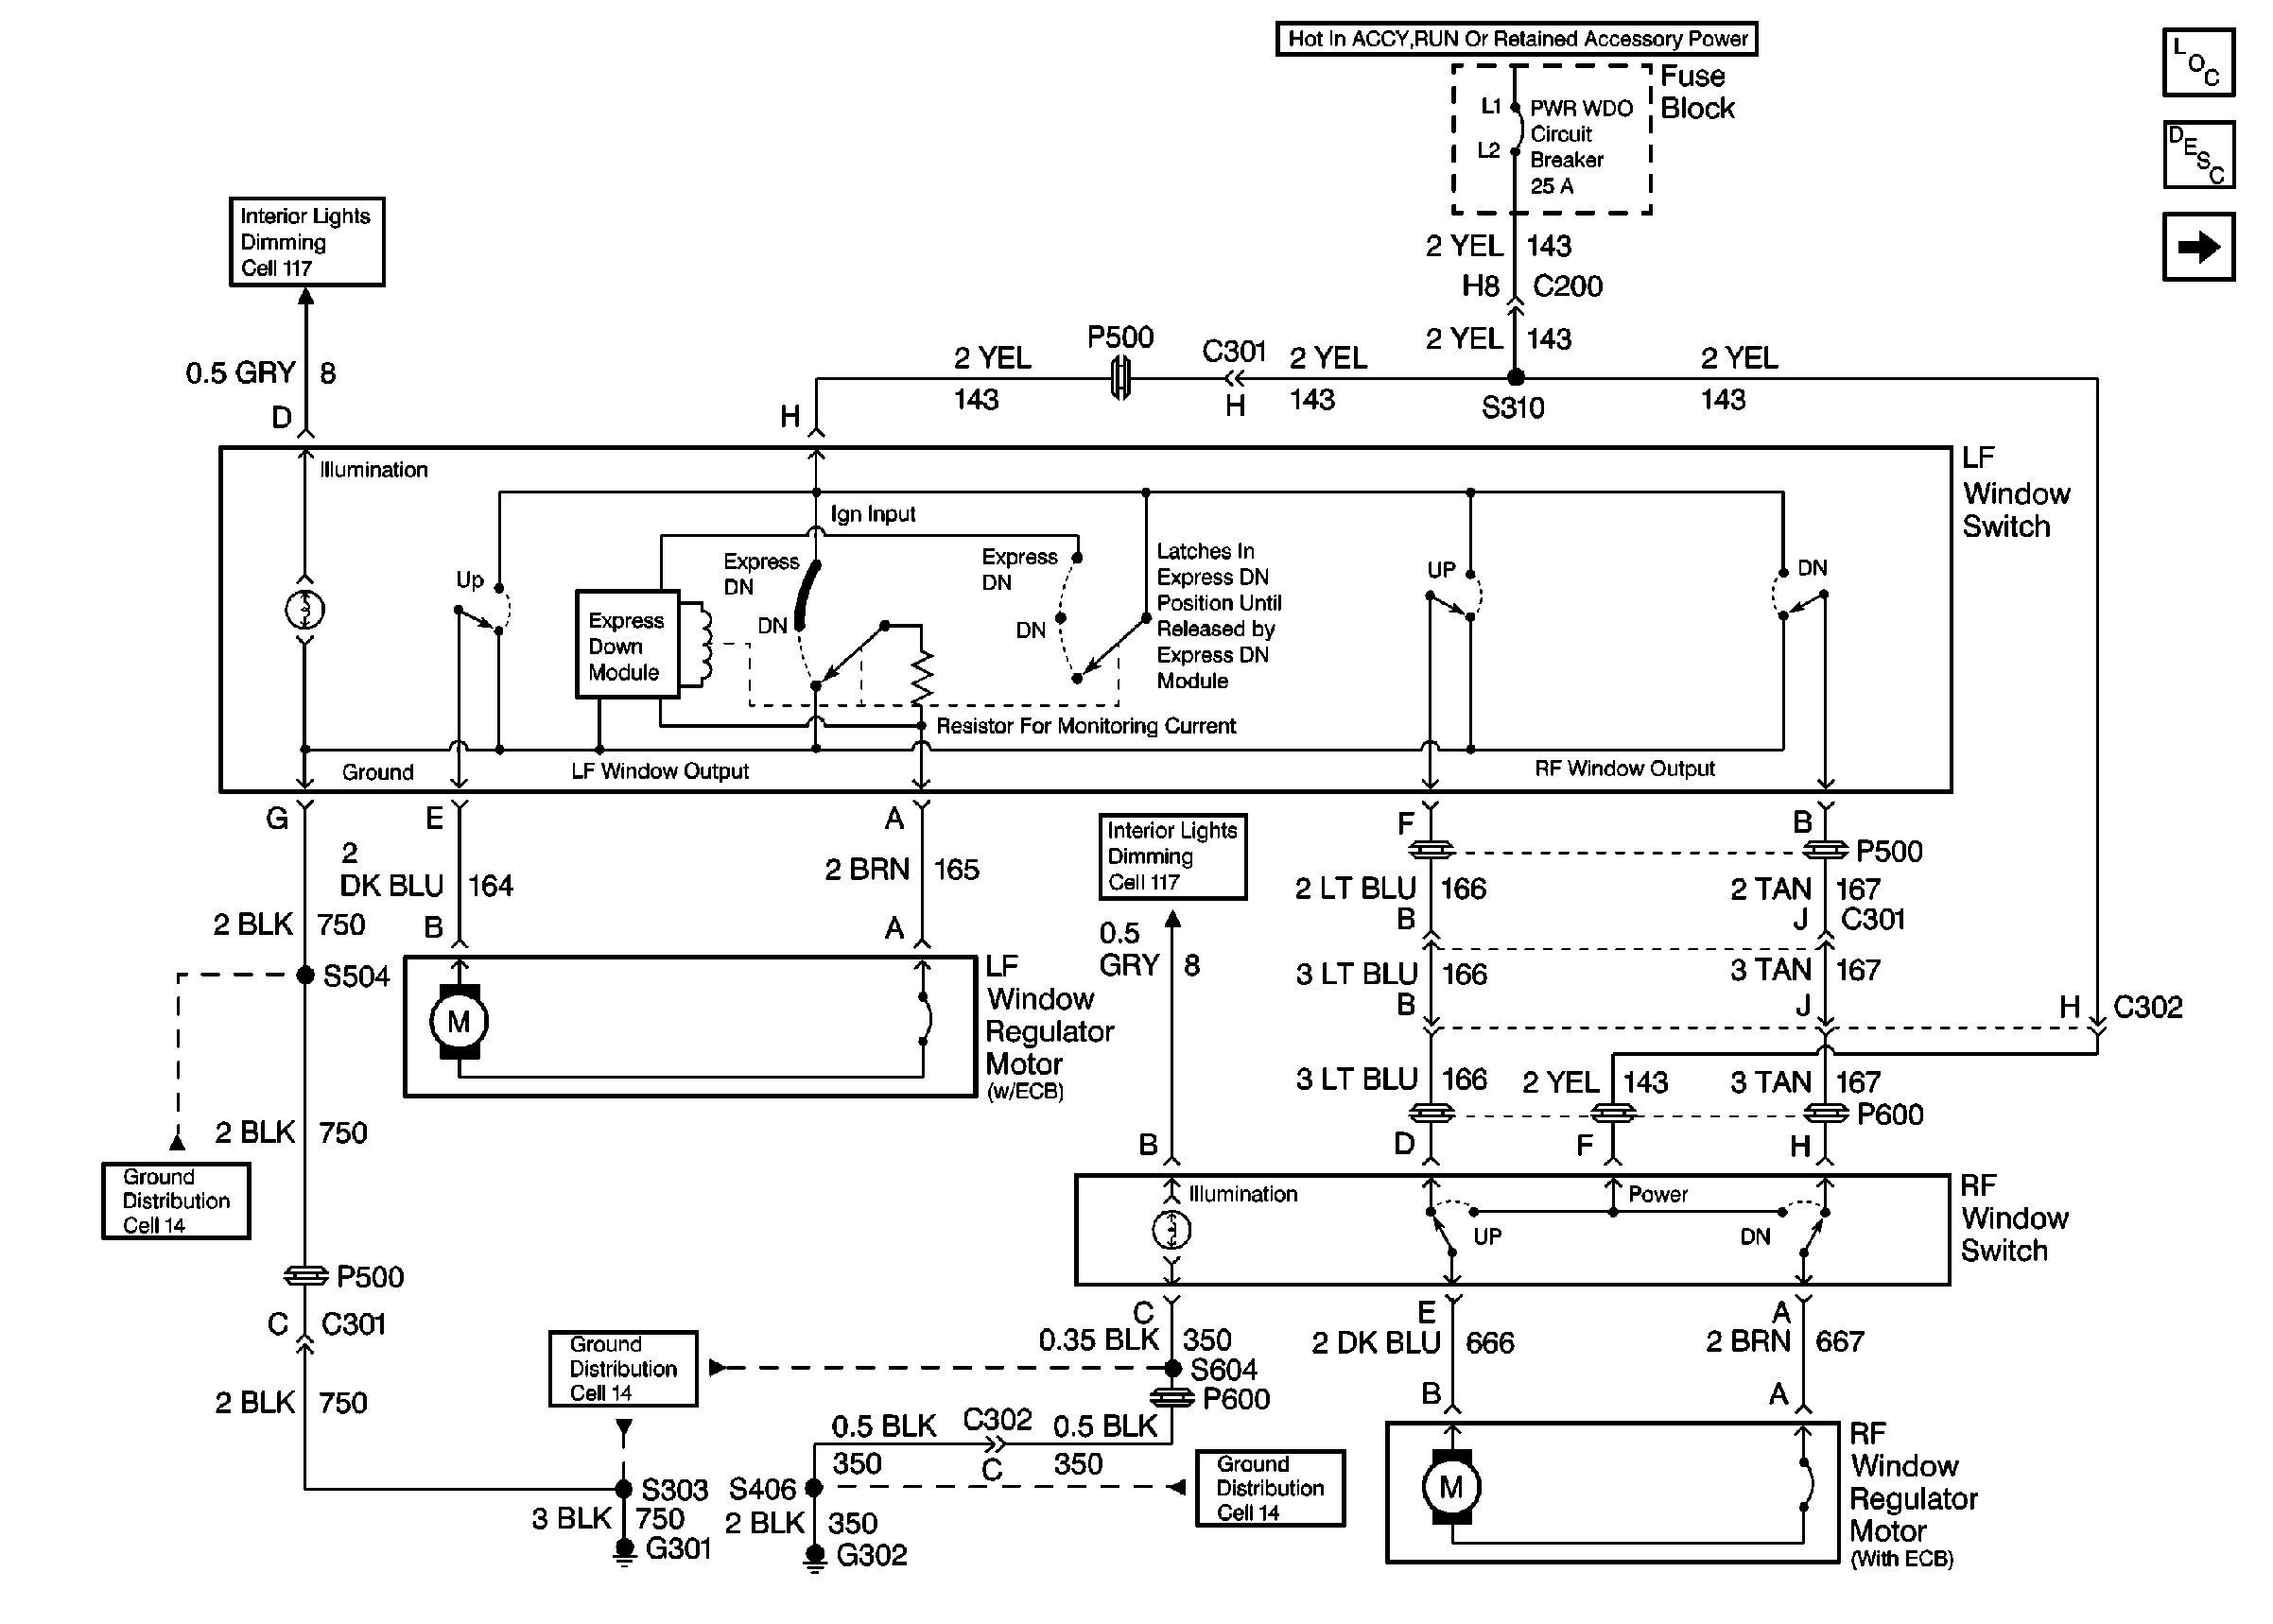 Cool 2012 Gm Power Window Wiring Blog Diagram Schema Wiring Cloud Overrenstrafr09Org